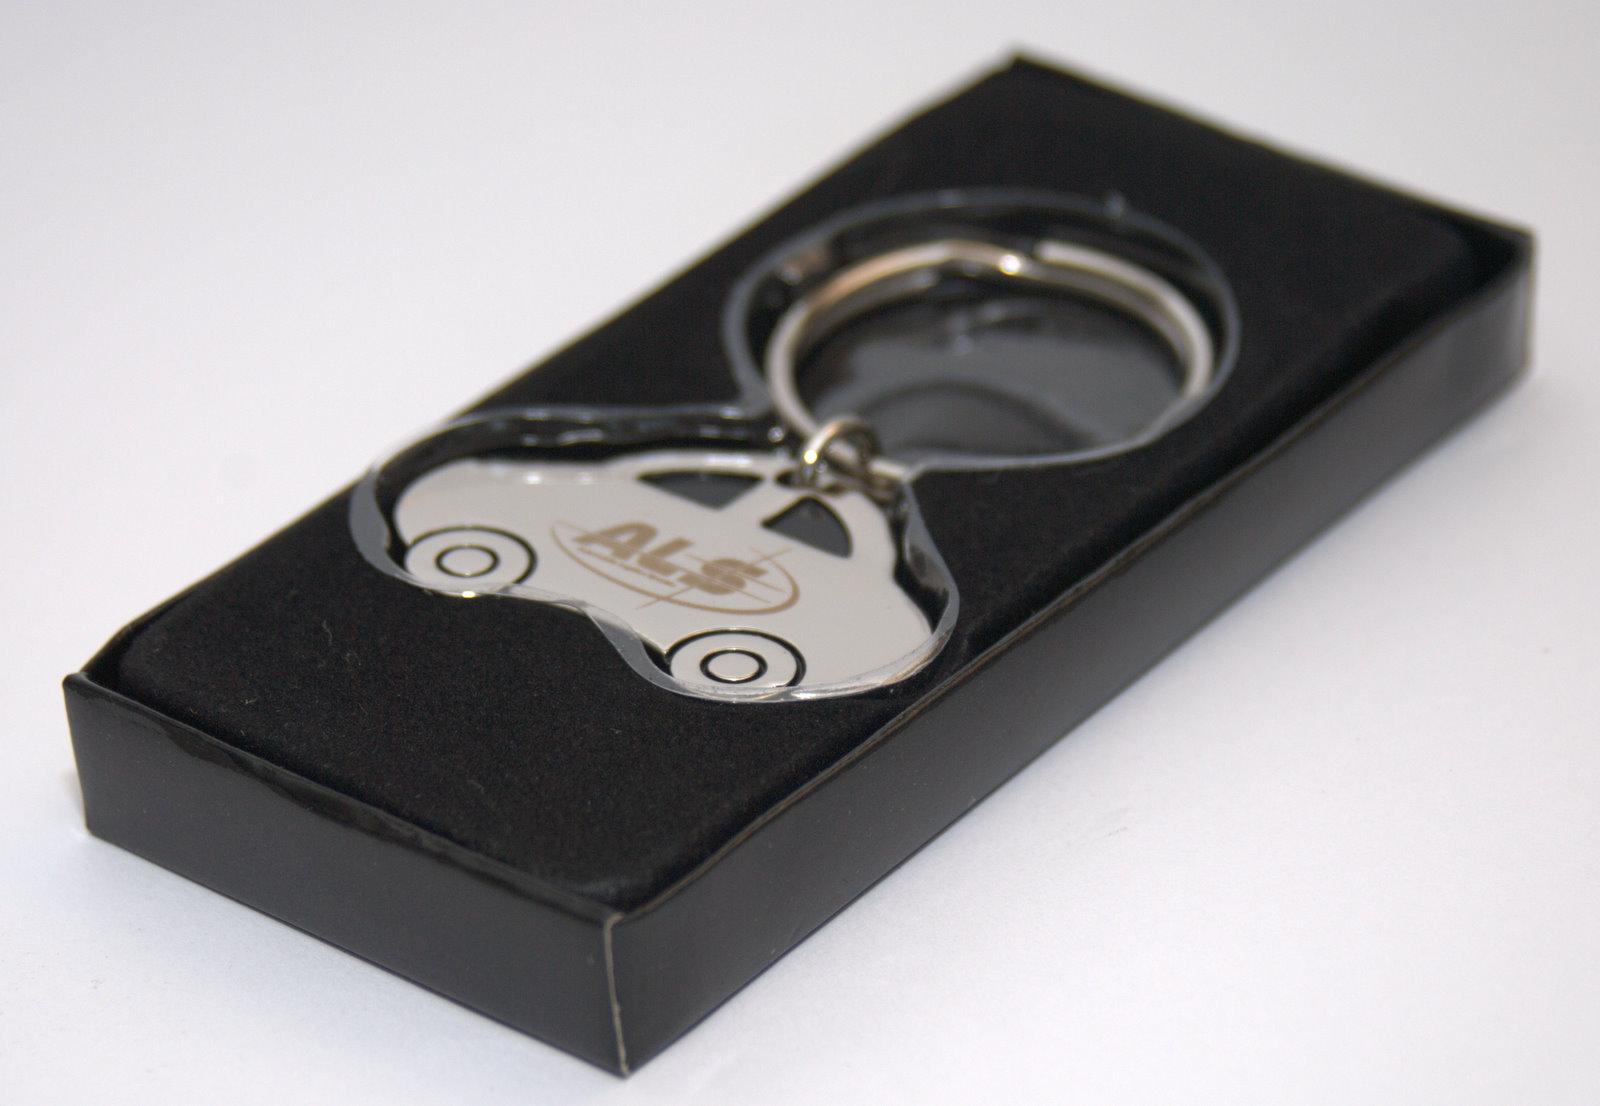 Kovová kľúčenka v tvare auta s vygravírovaným logom · Prívesok autíčko v  krabičke ... f1de0c98783